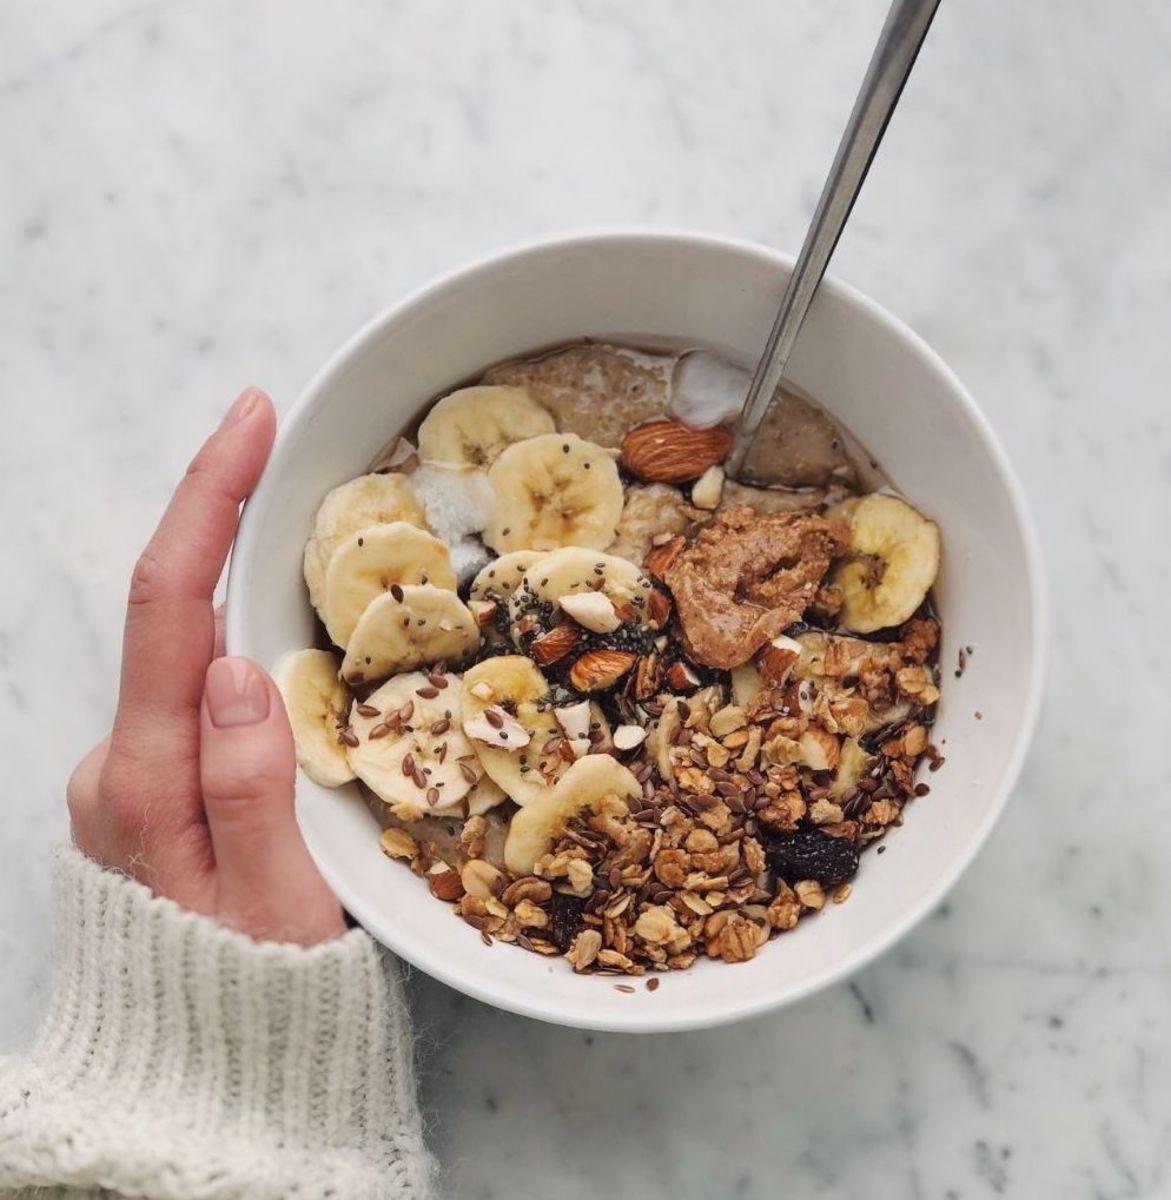 Healthy Breakfast Ideas for Moms